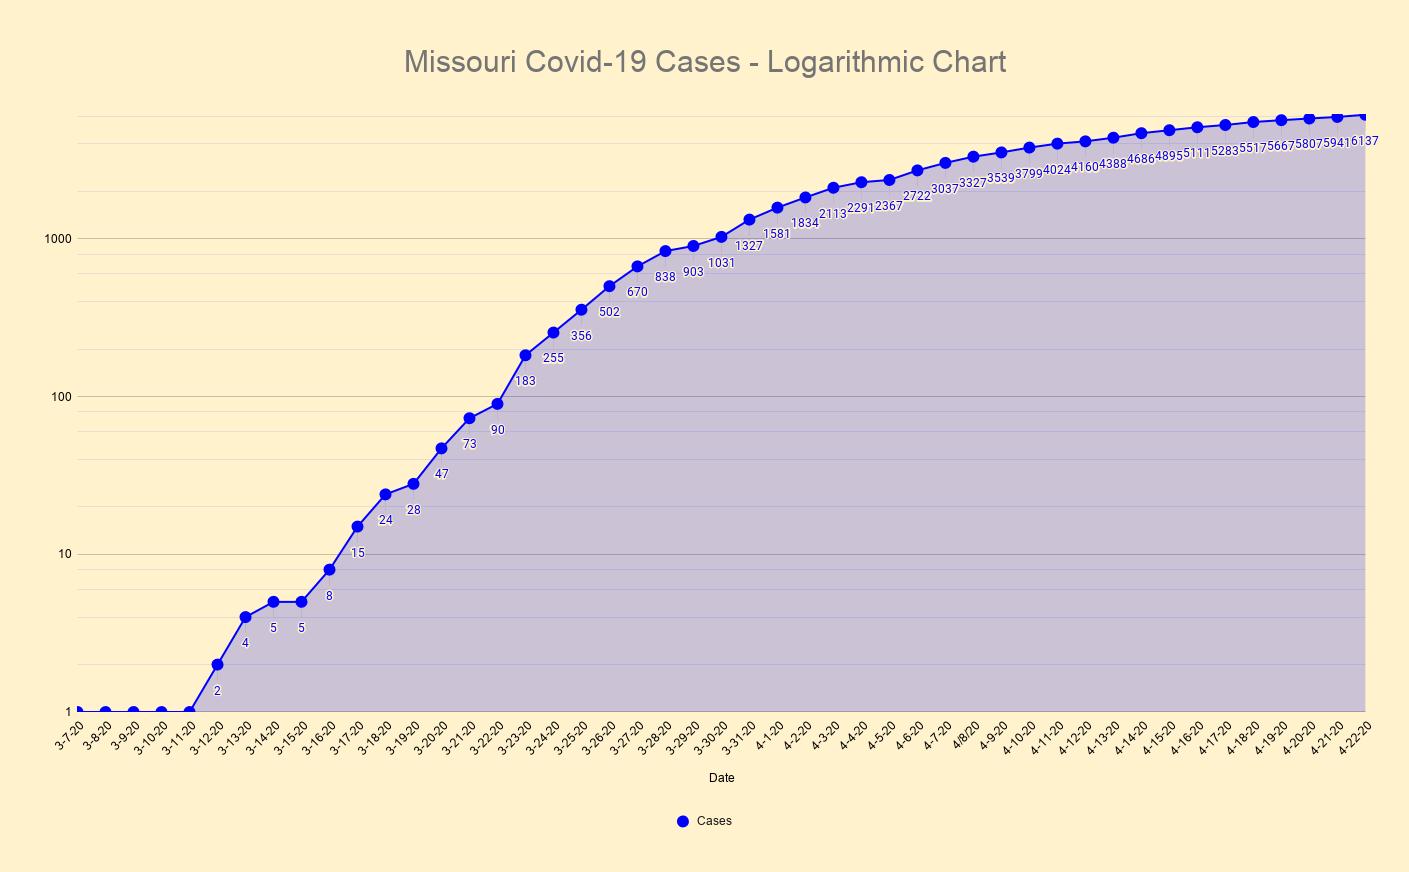 Missouri Covid-19 Cases - Logarithmic Chart(2).png